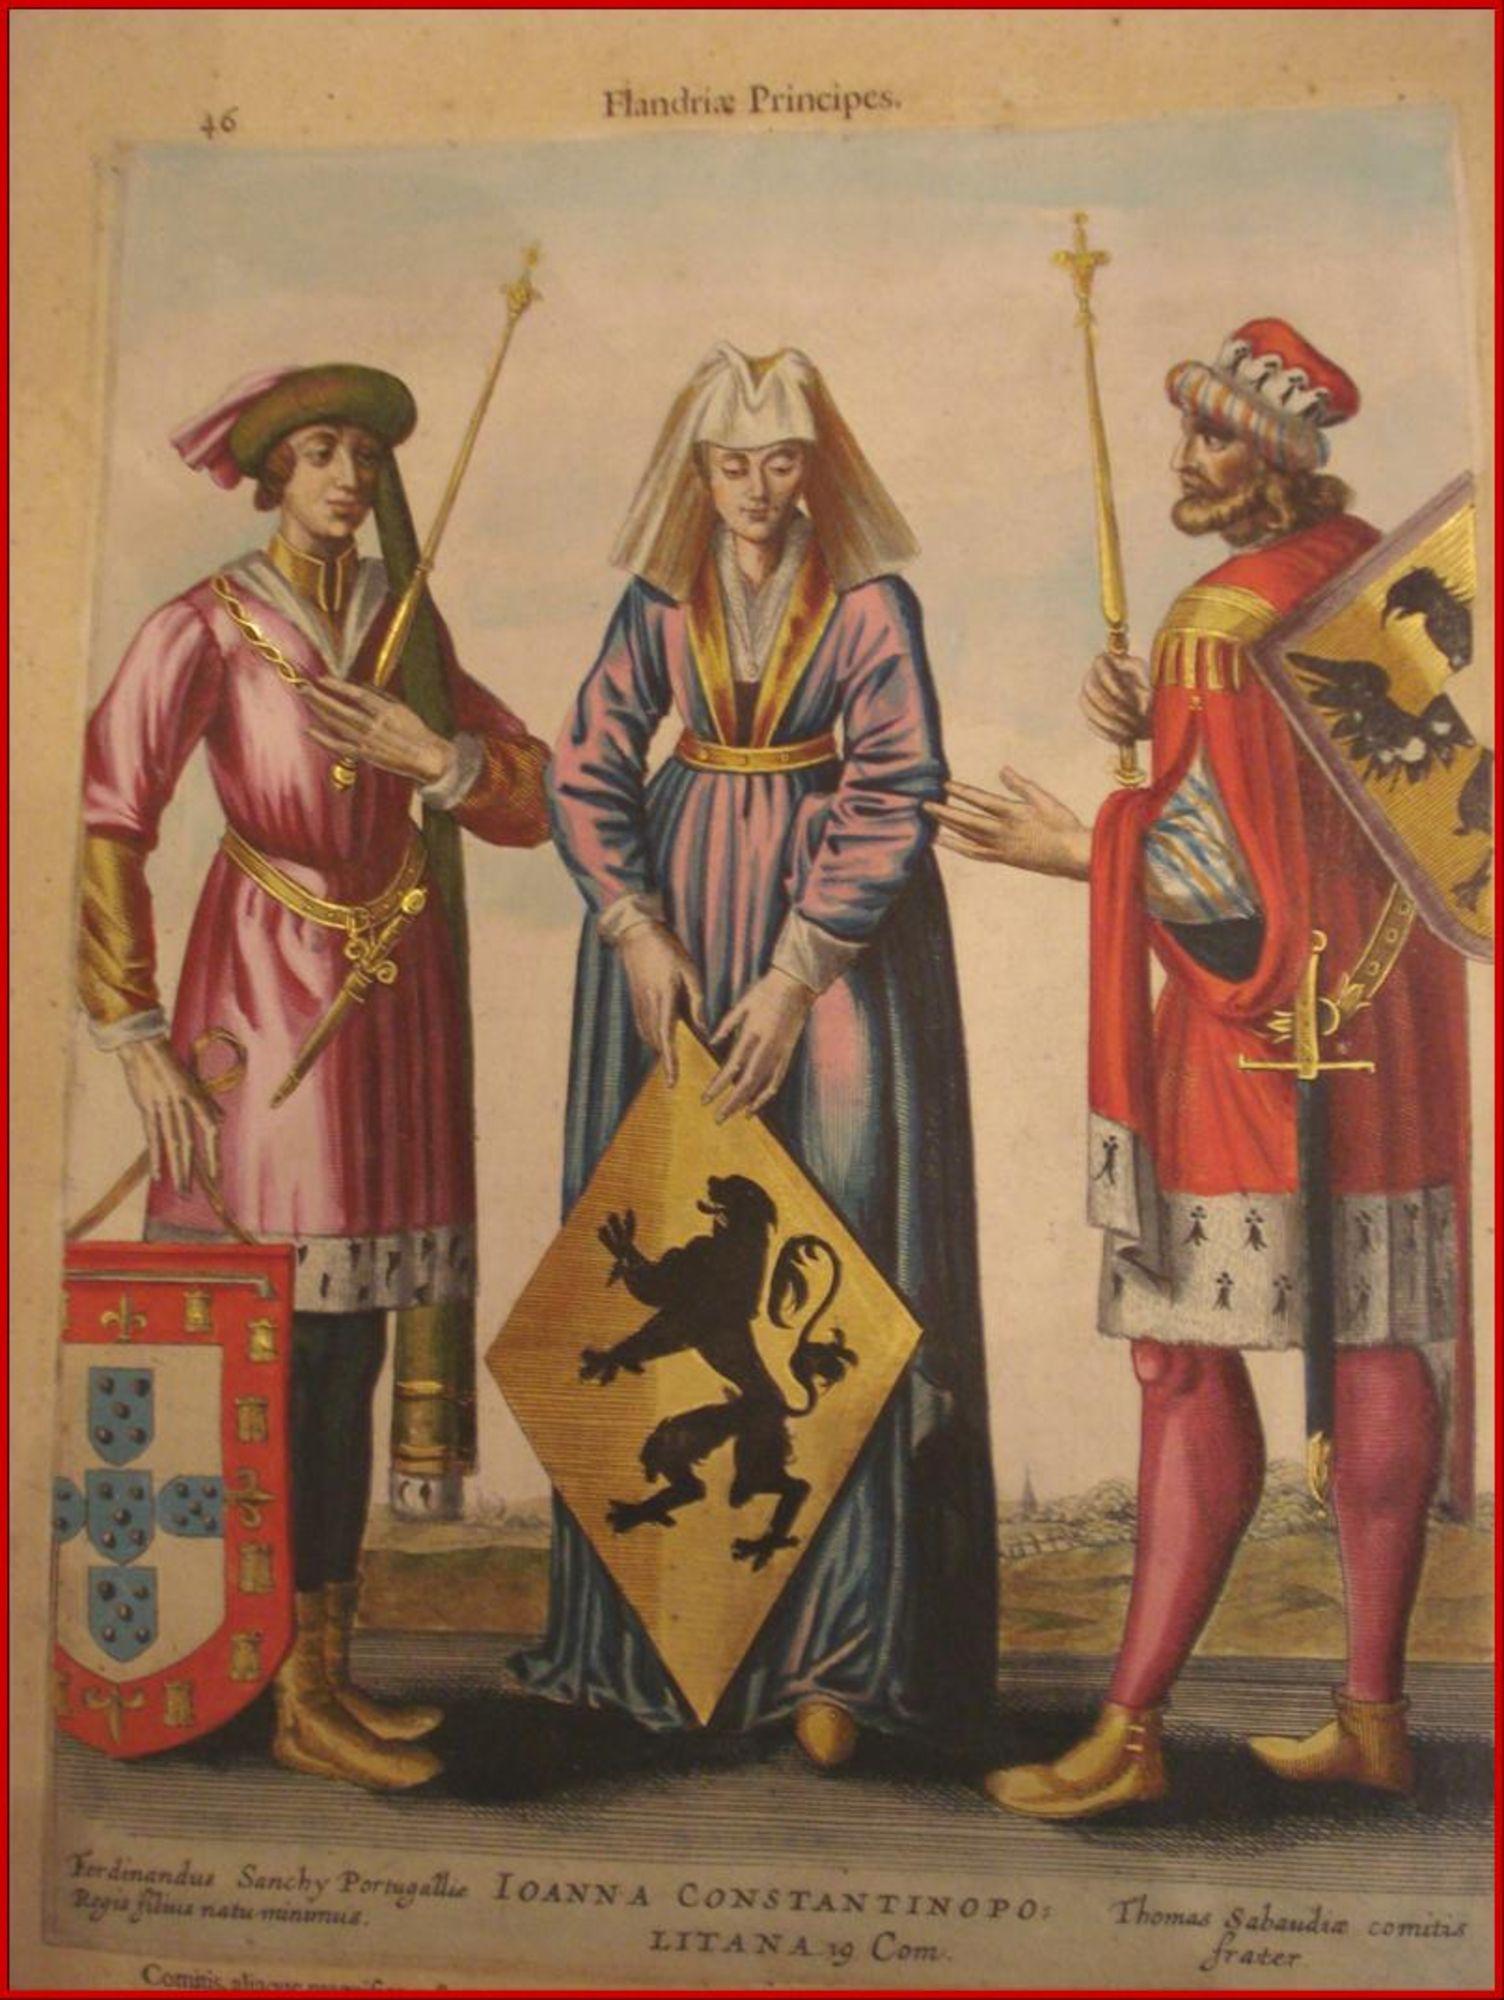 Johanna van Constantinopel met twee echtgenoten in Flandria Illustrata